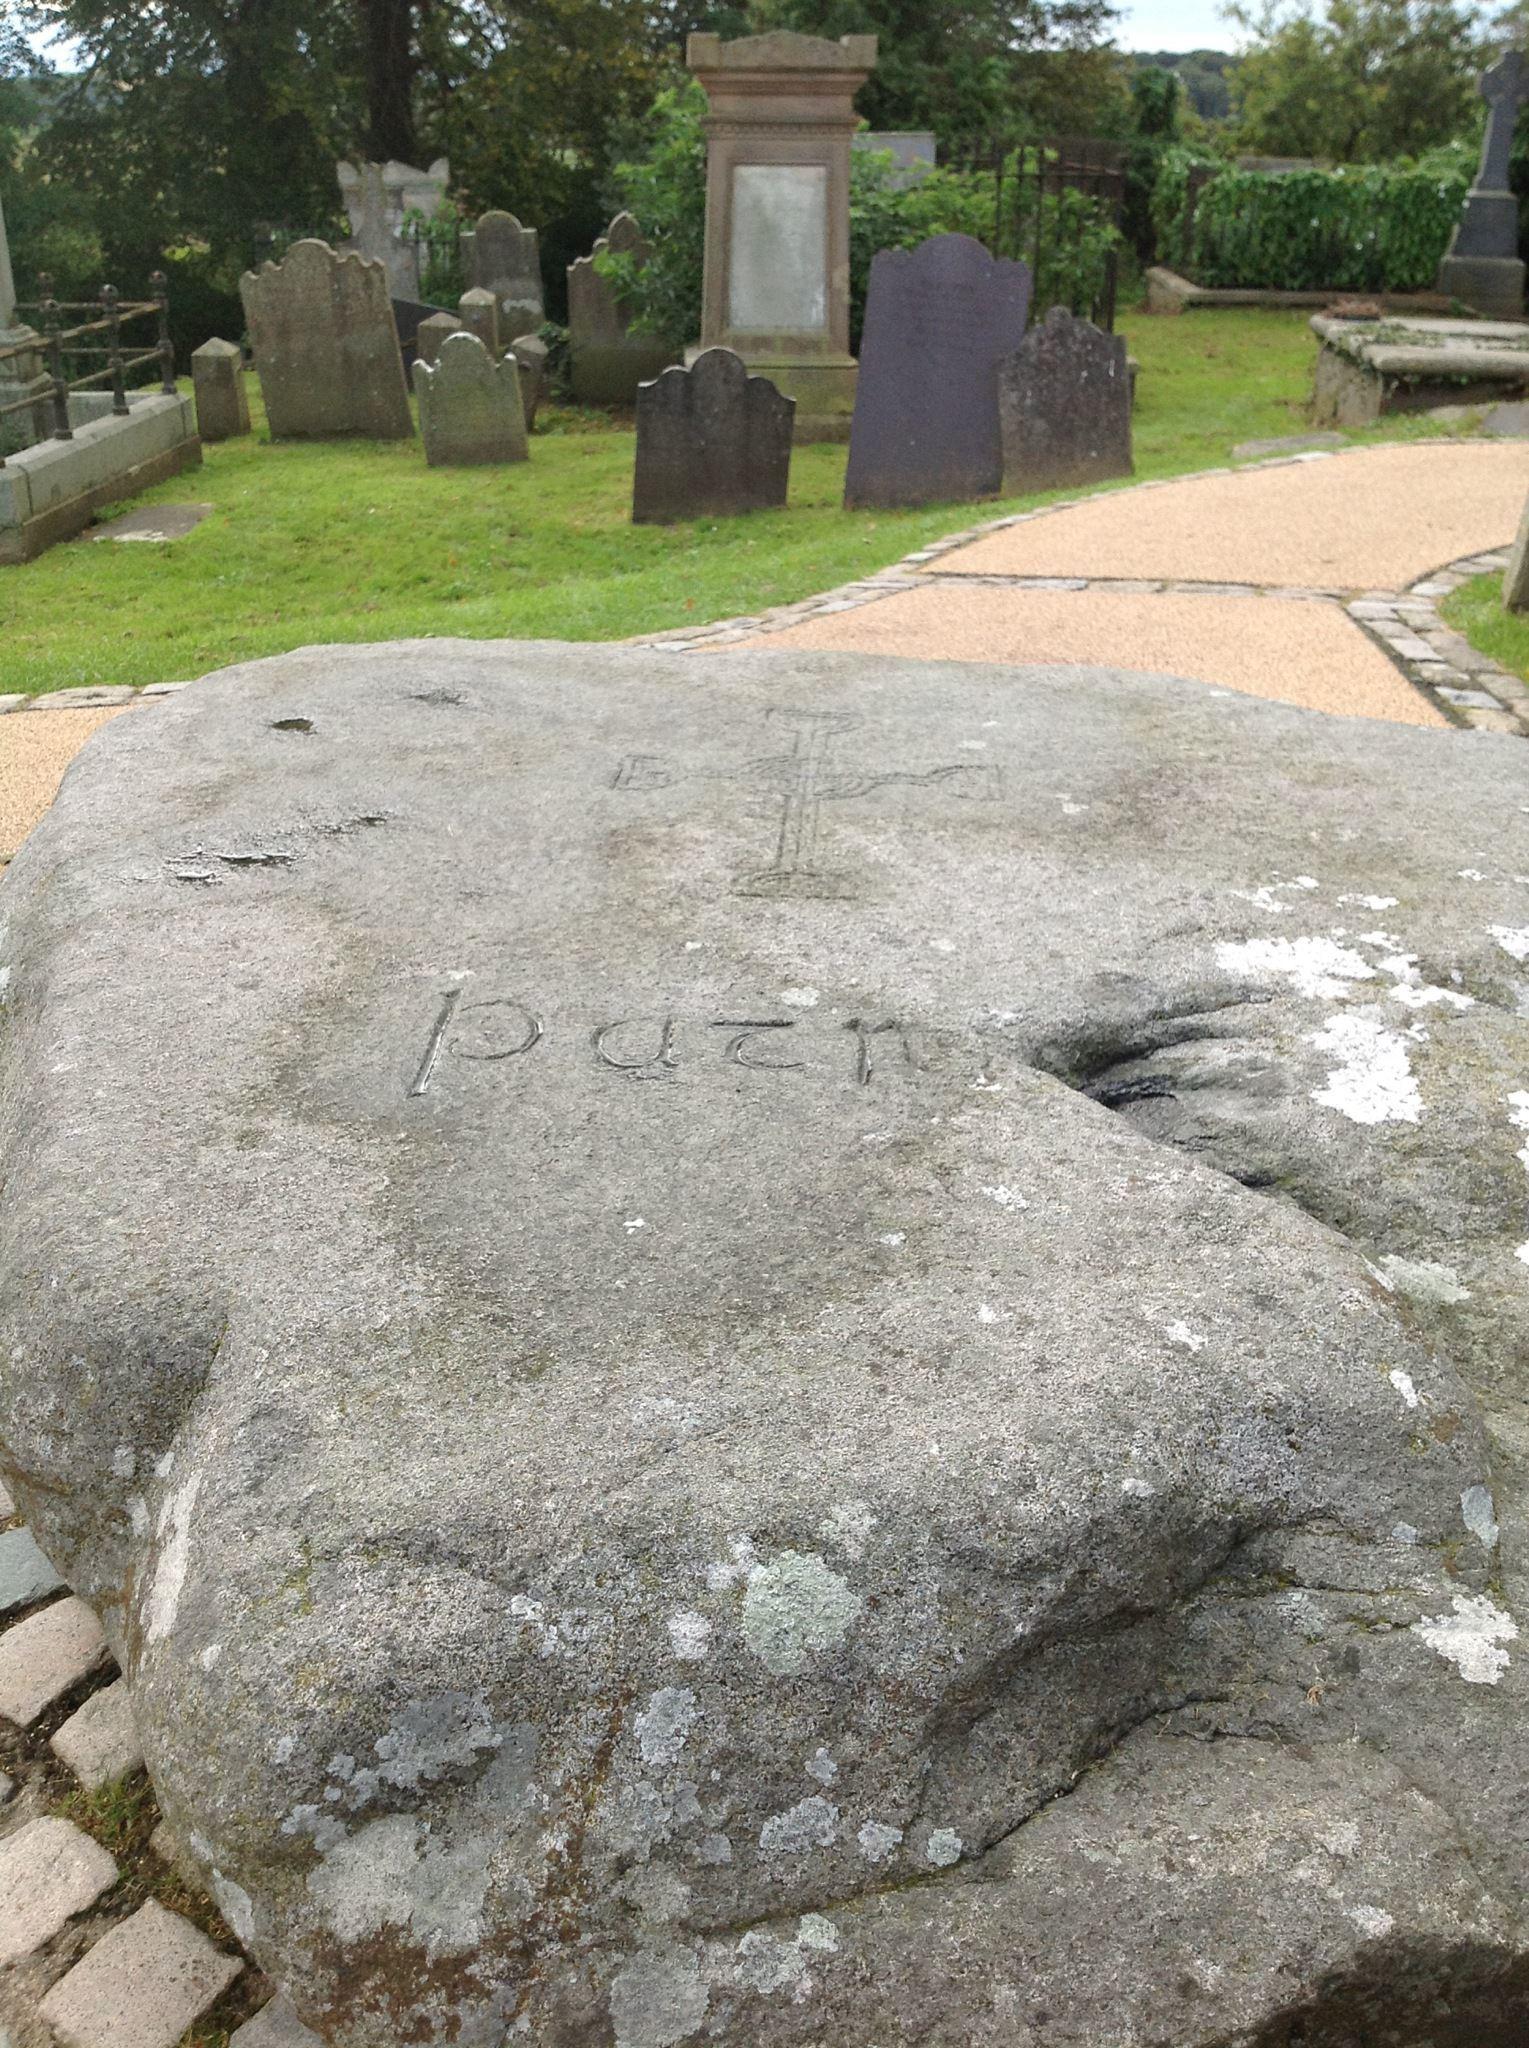 20971bda0572472cafac_St._Patrick_s_grave_in_Downpatrick_-_Sept._2012_photo_by_John_Mooney.jpg